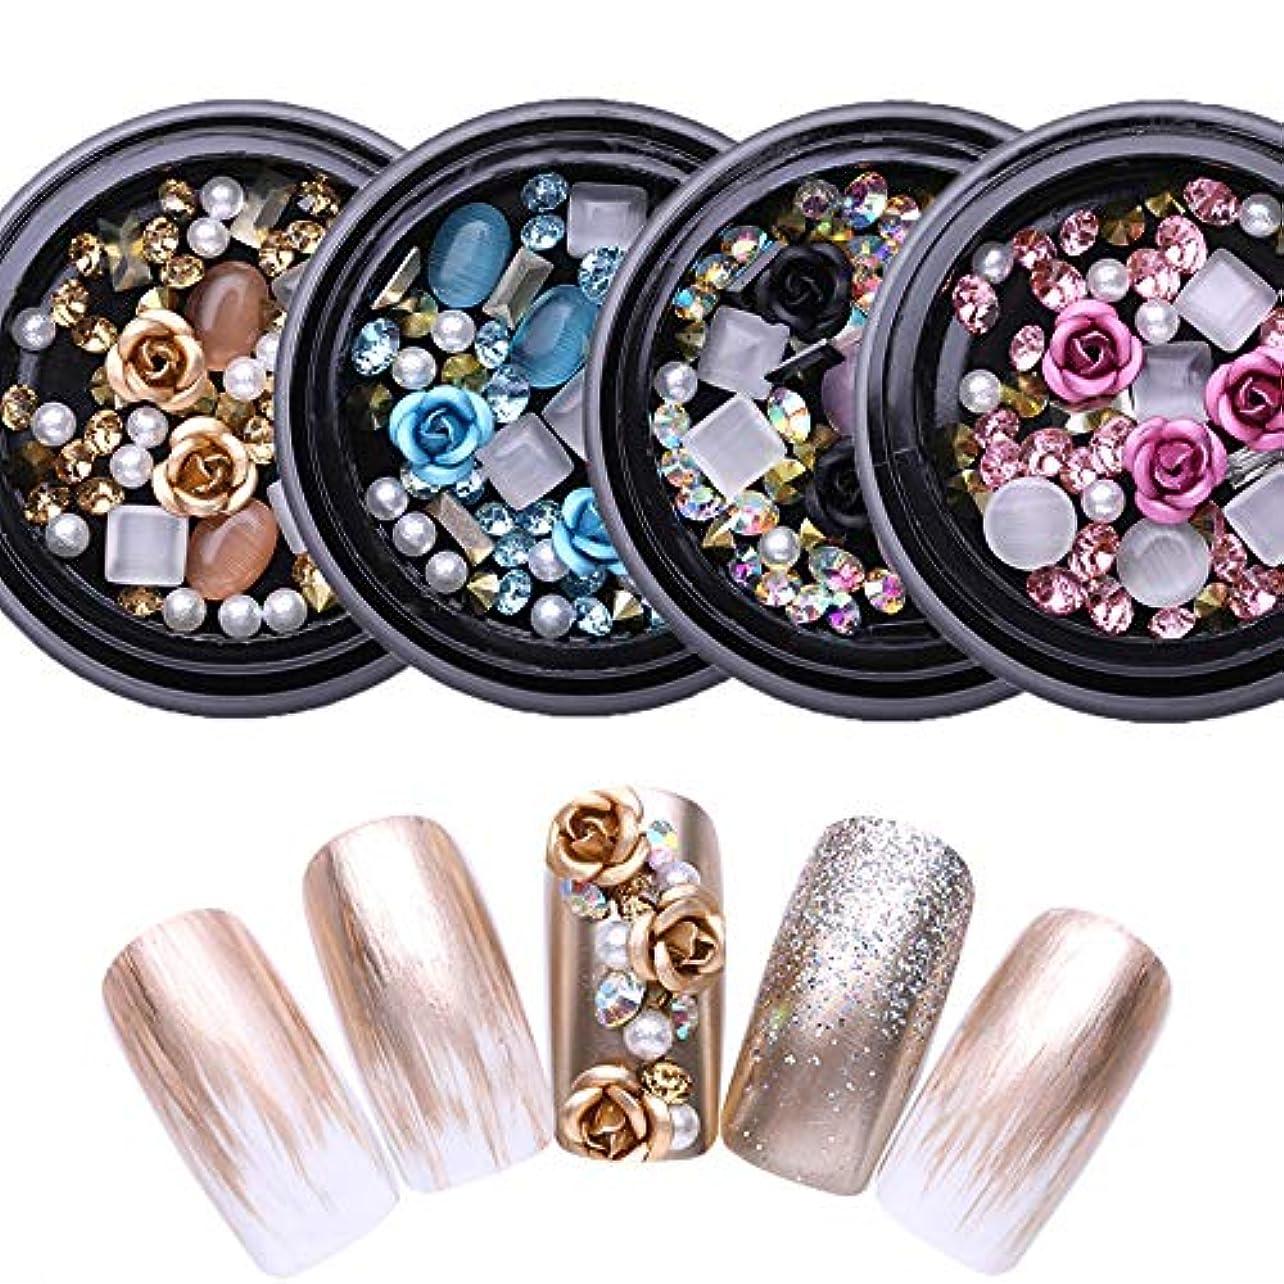 Kingsie ネイルパーツ 4個セット ラインストーン 花 バラ メタルパーツ ビーズ かわいい 3Dデコパーツ ネイルアートパーツ デコレーション レジン用